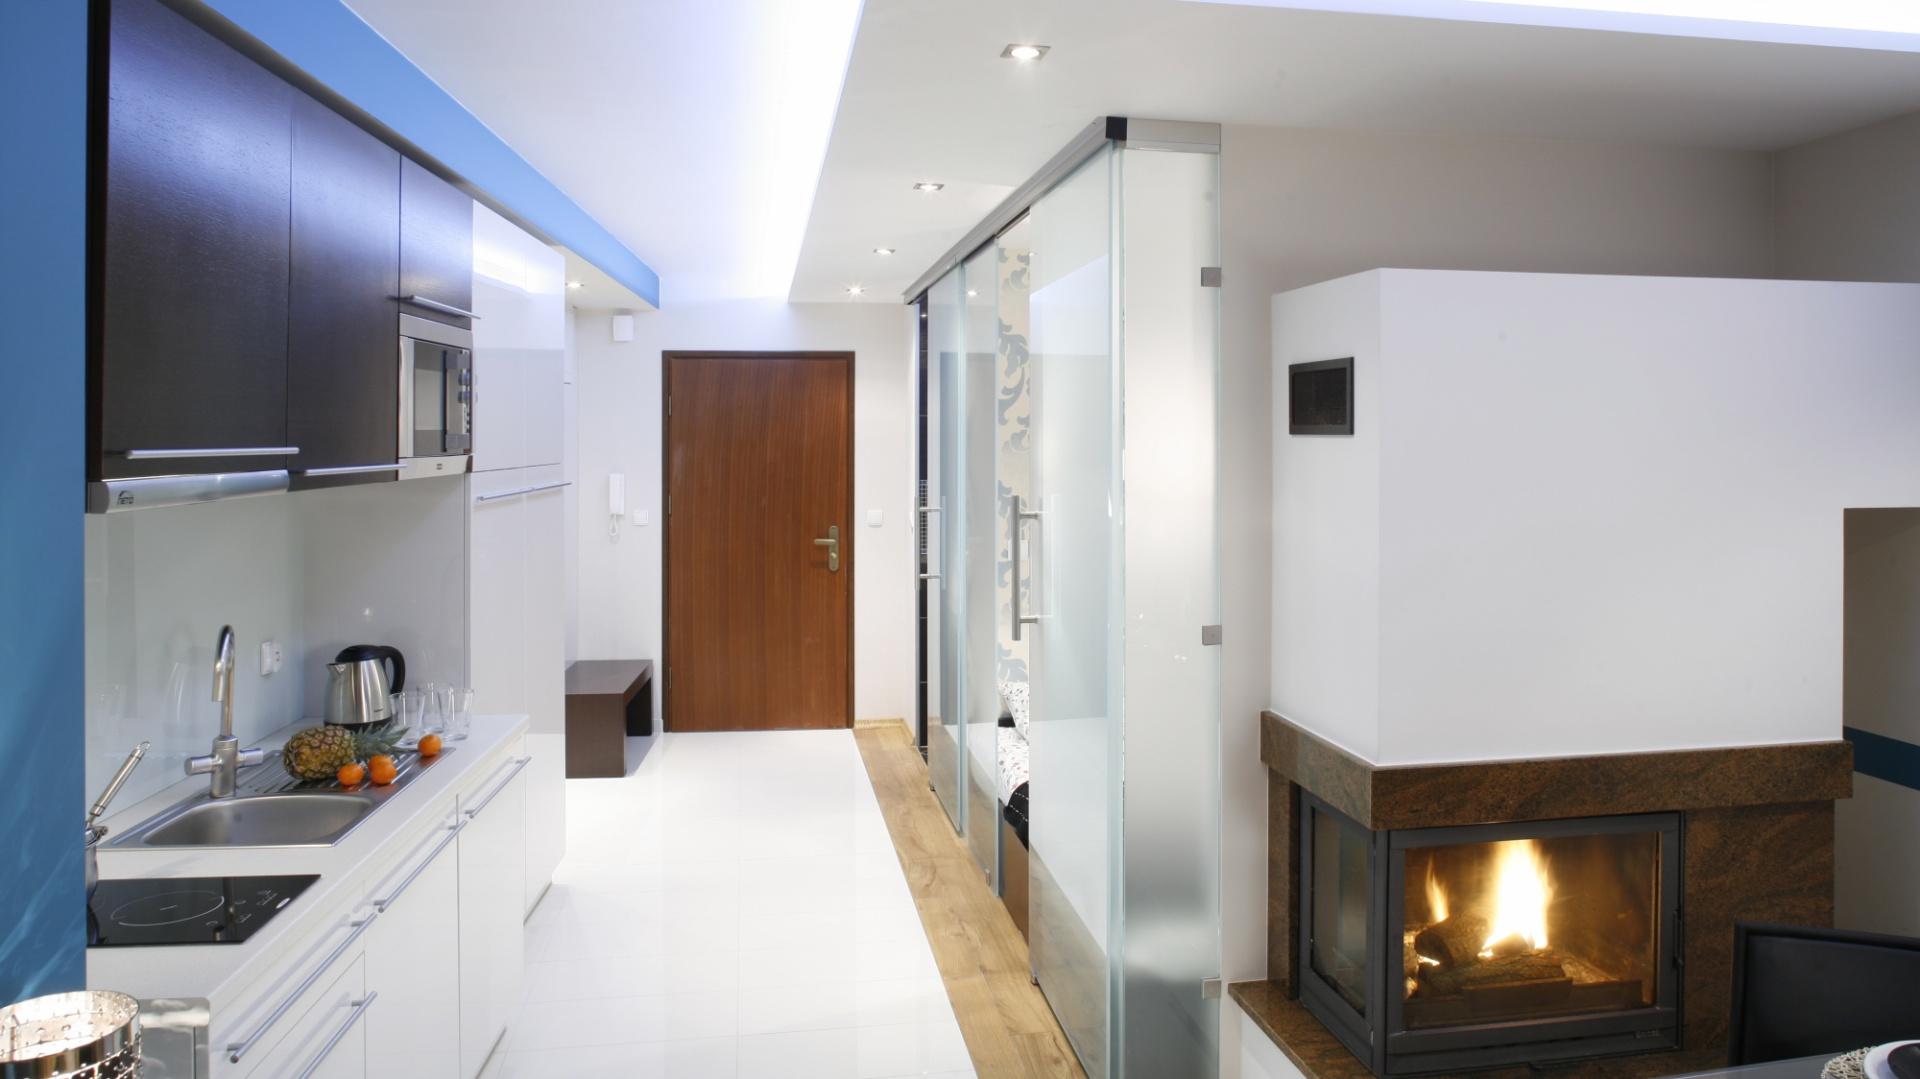 Podział stref funkcjonalnych wyraźnie widoczny jest na podłodze. W salonie i sypialni –  położono ciepłe drewno, w kuchni – białe płytki. Fot. Bartosz Jarosz.